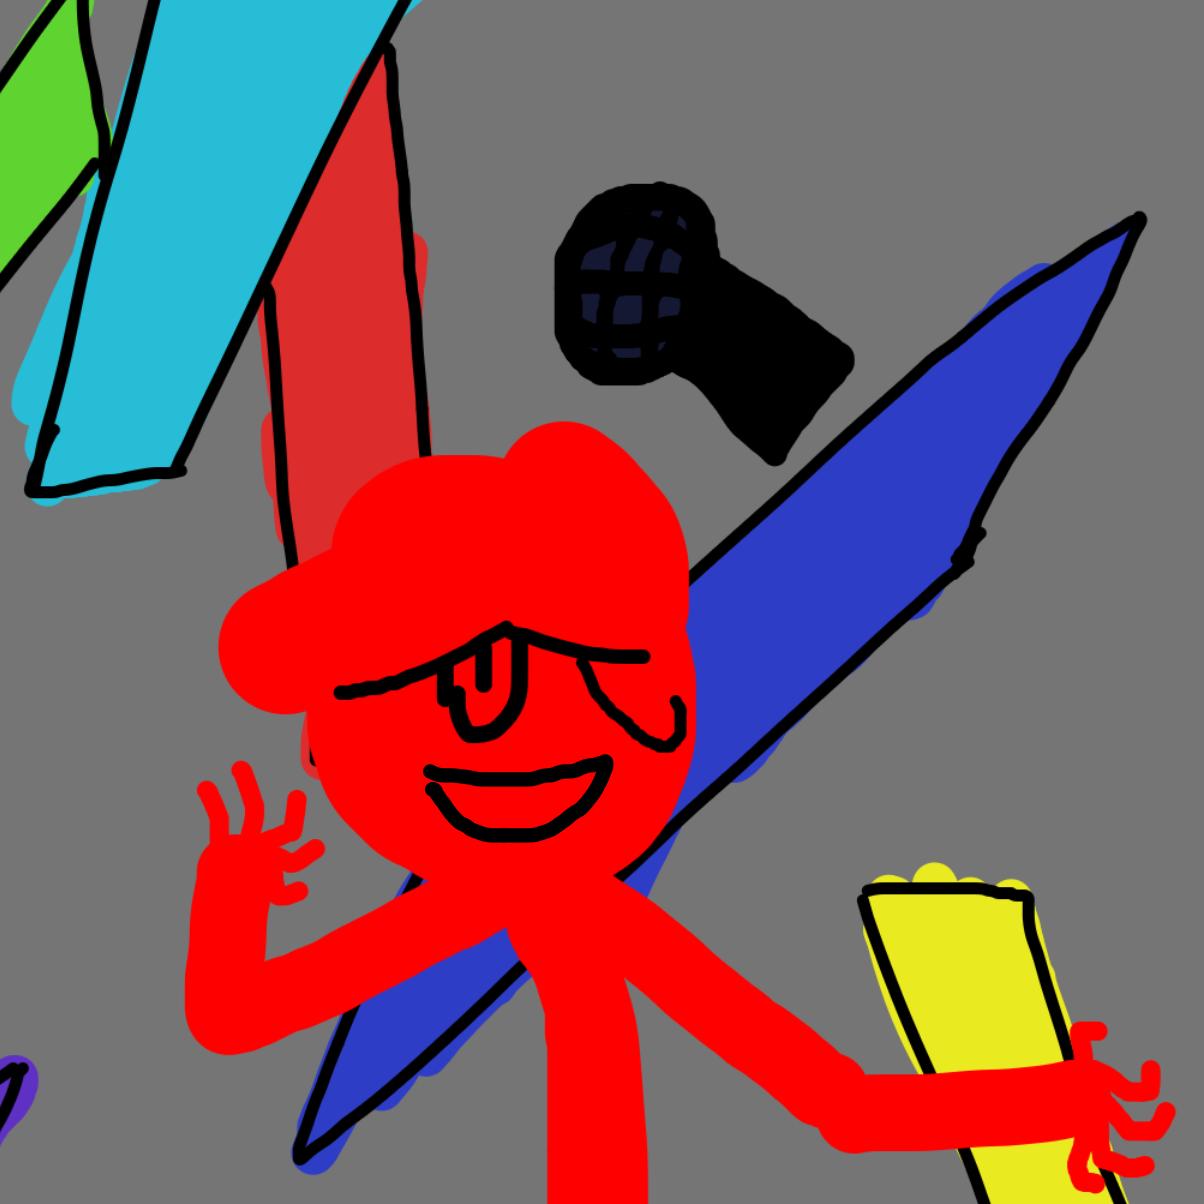 Profile picture for the comic artist, Blatzz